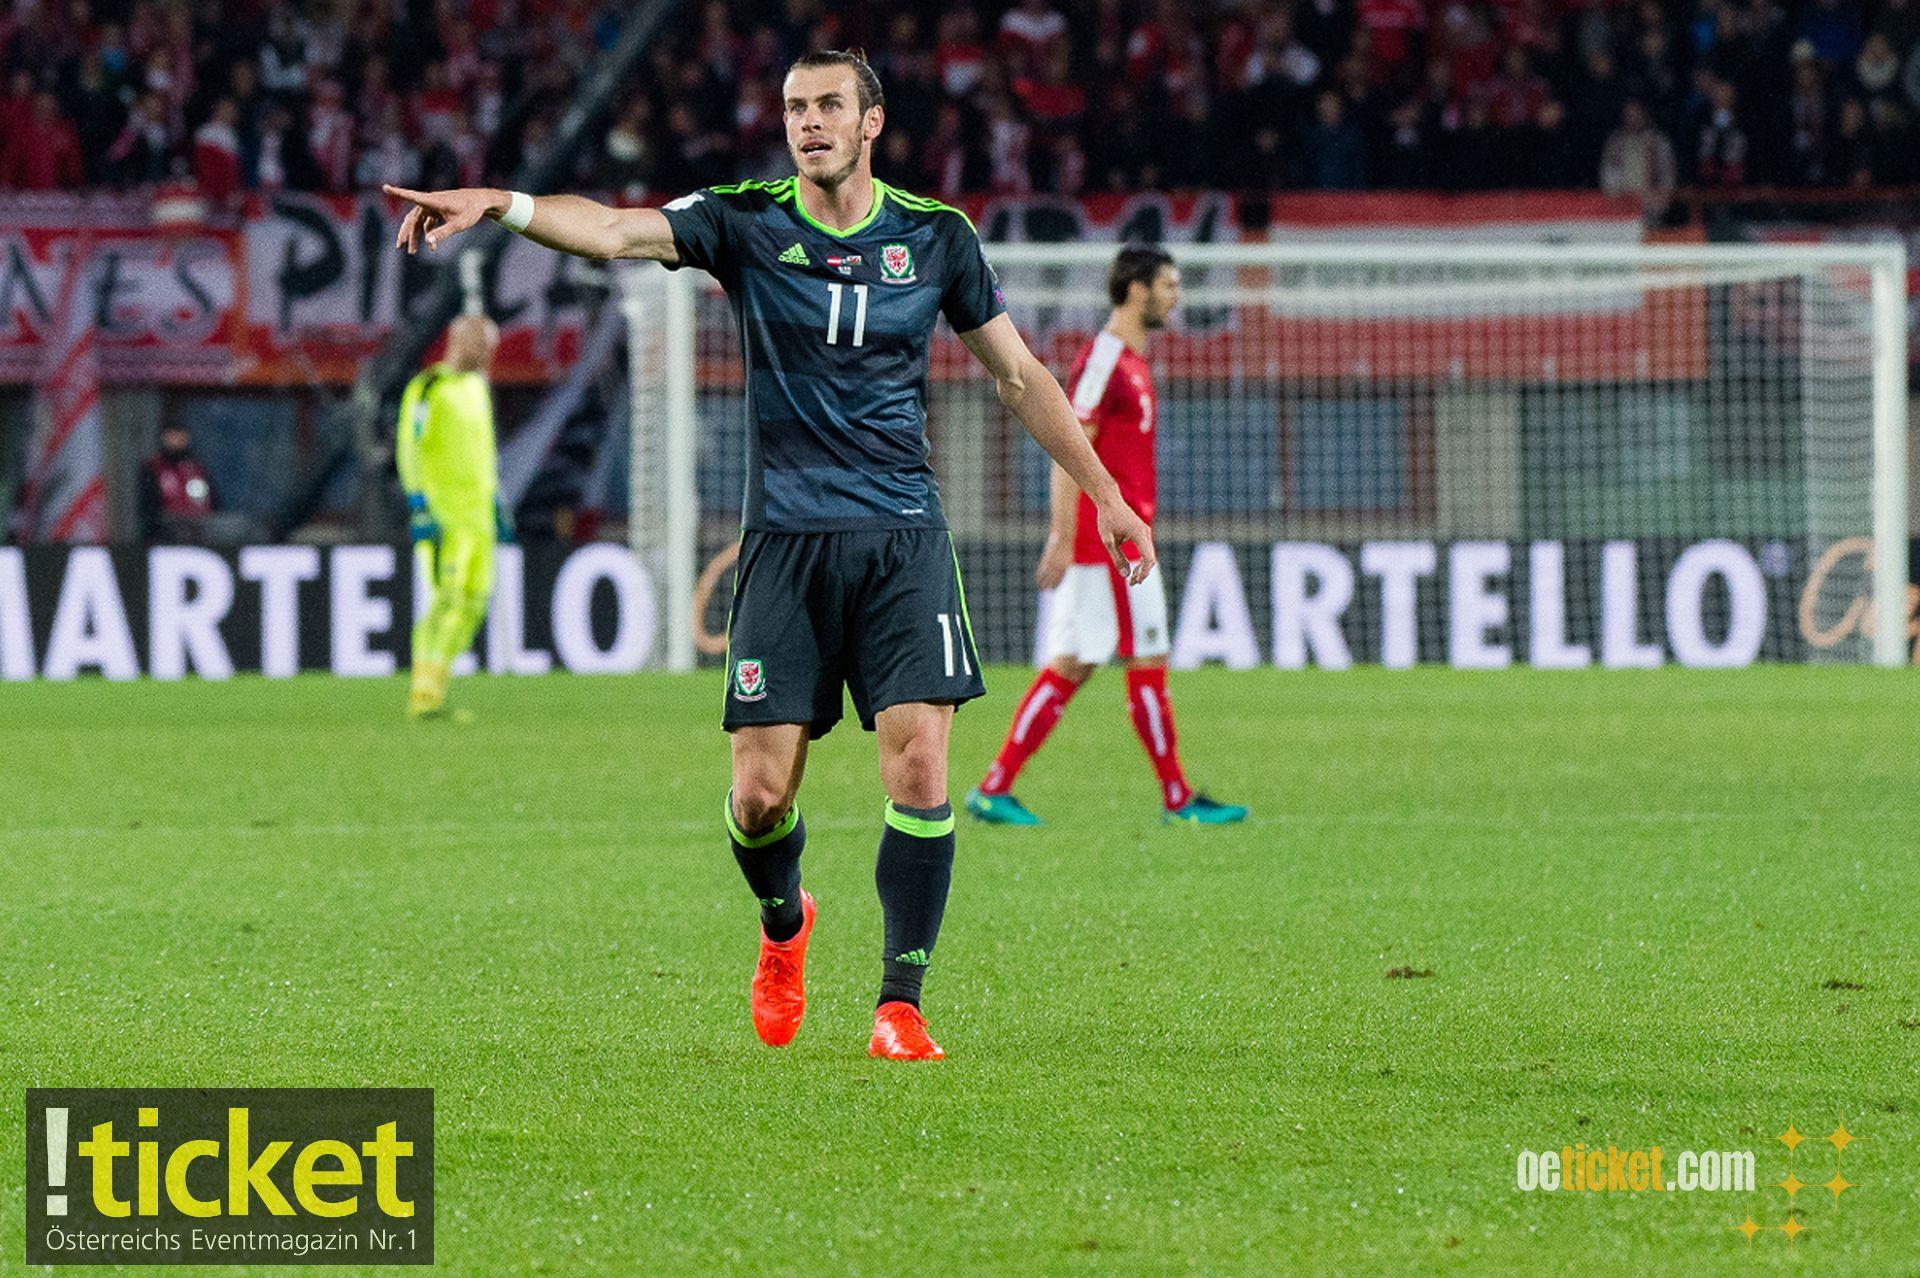 Gareth Bale, der große Star der walisischen Mannschaft.